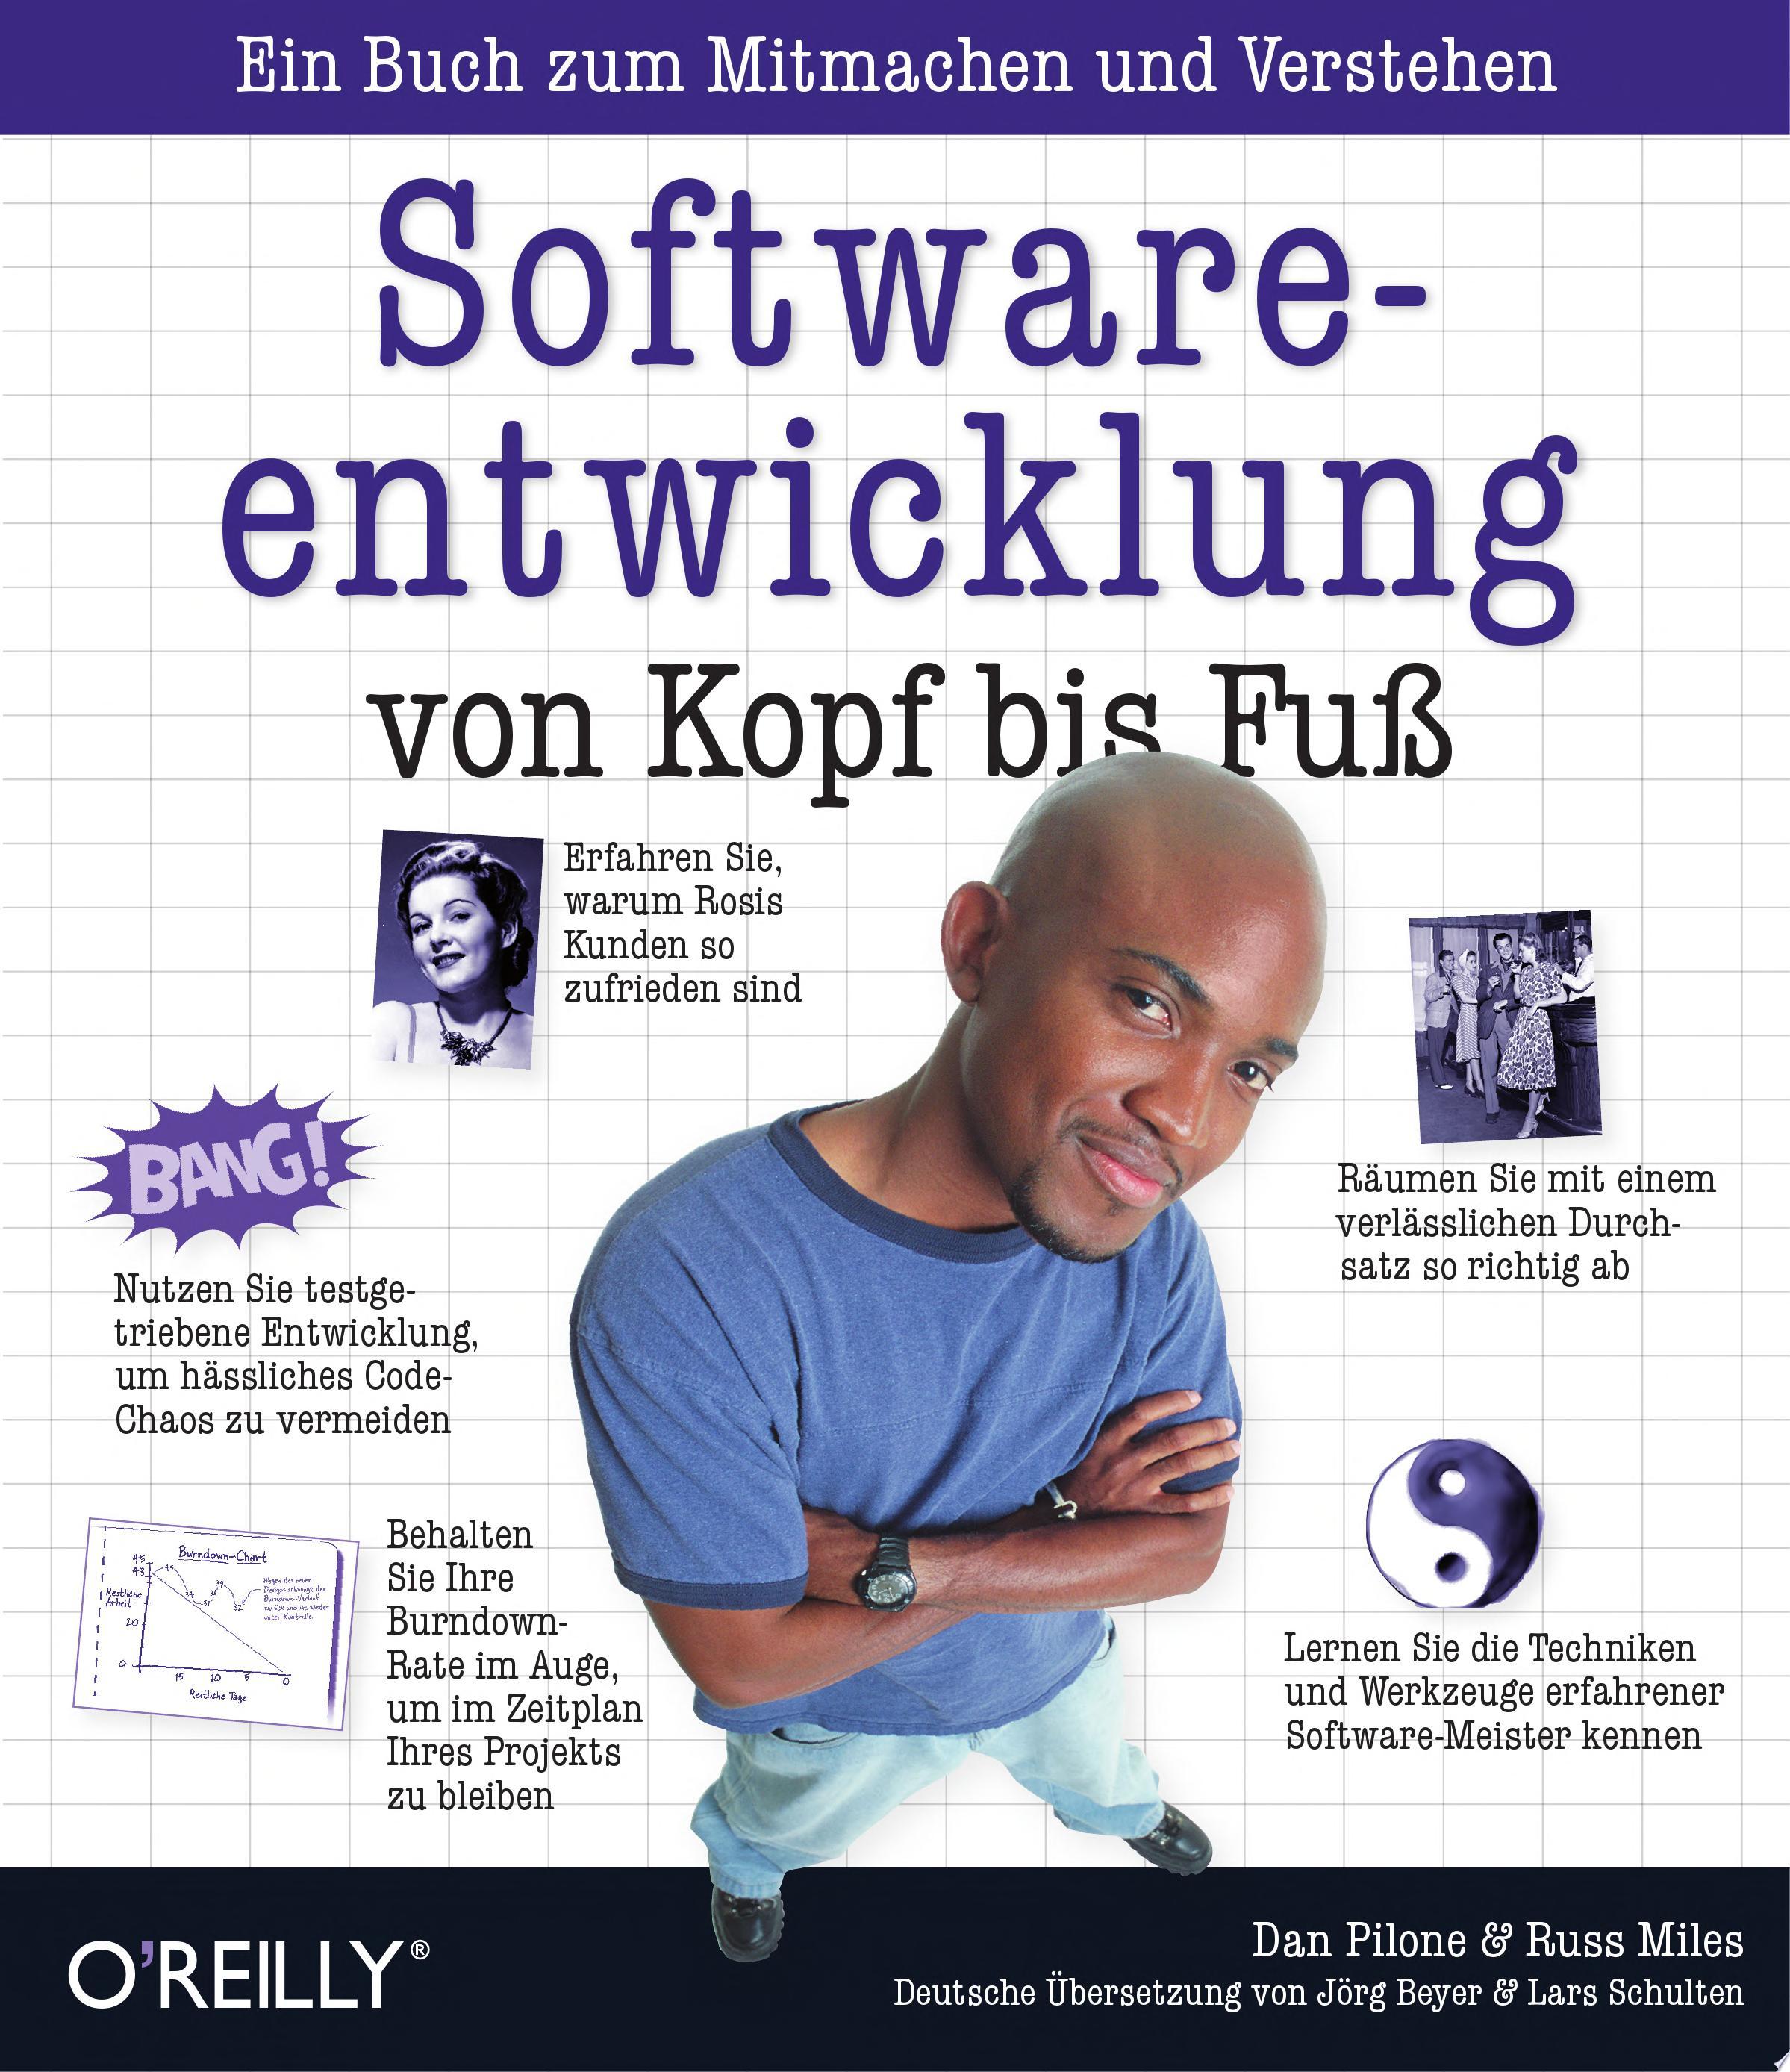 Softwareentwicklung von Kopf bis Fuss